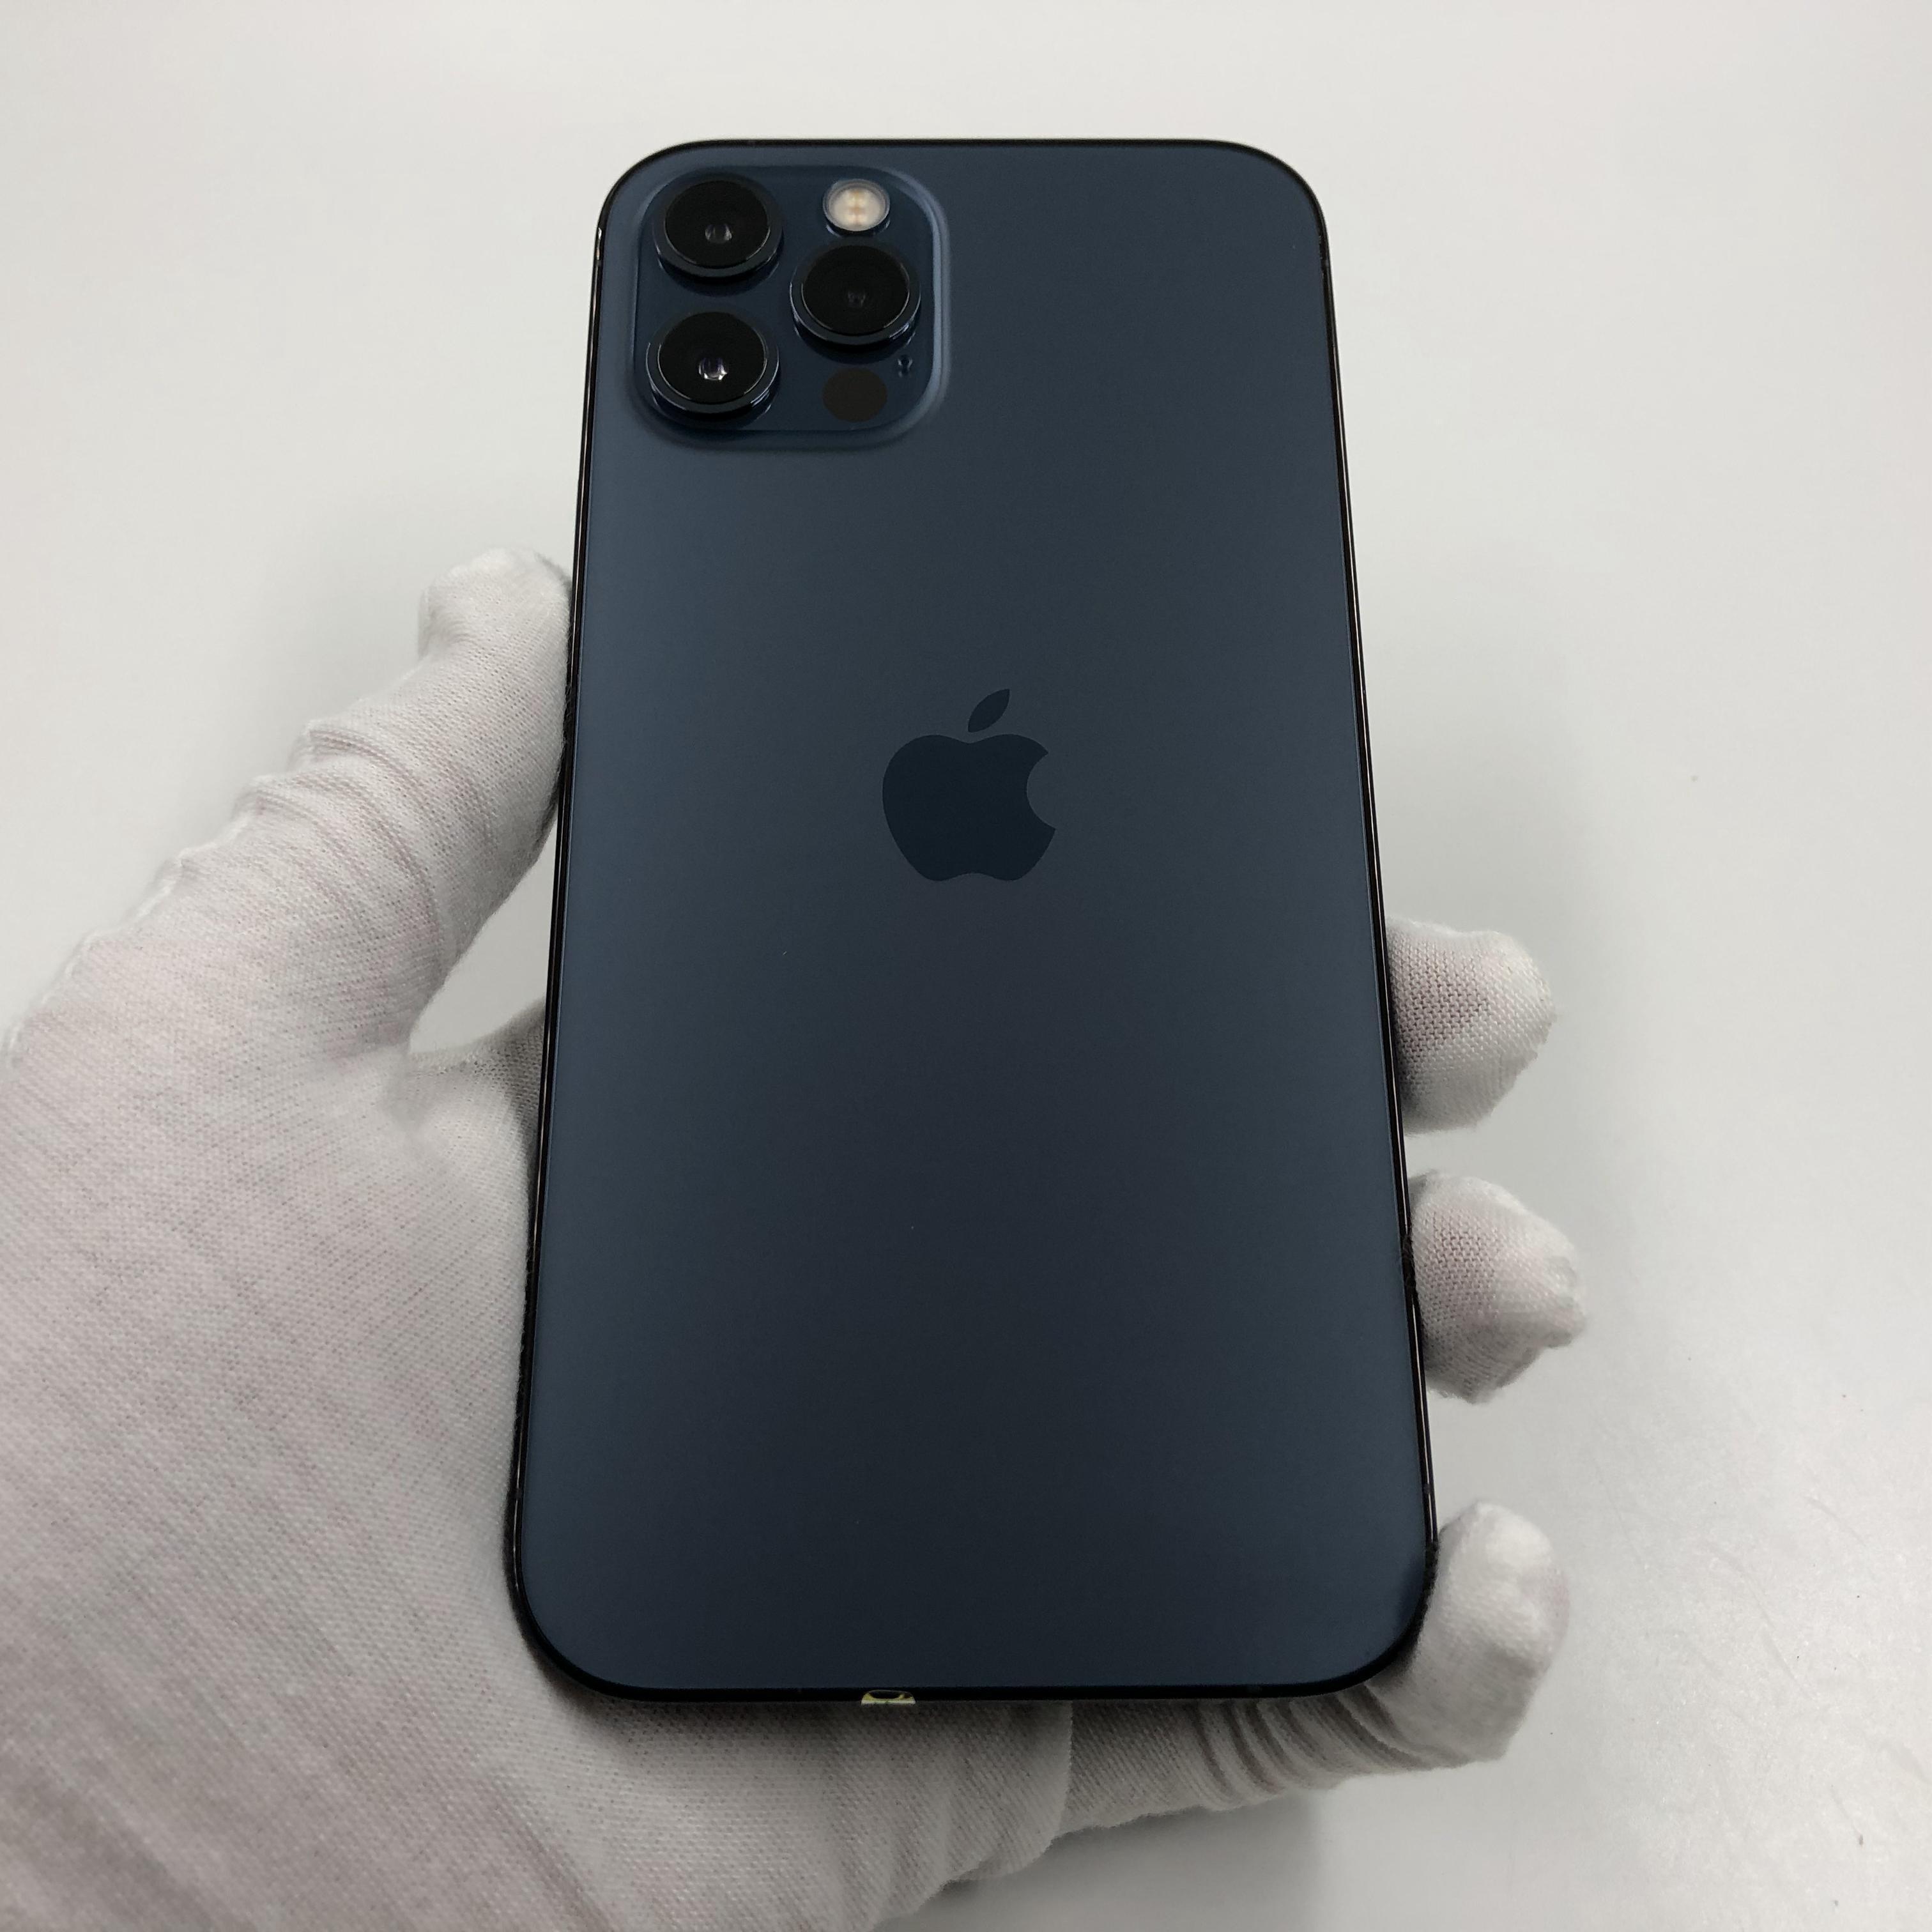 苹果【iPhone 12 Pro】5G全网通 海蓝色 128G 国行 95新 真机实拍官保2021-11-22